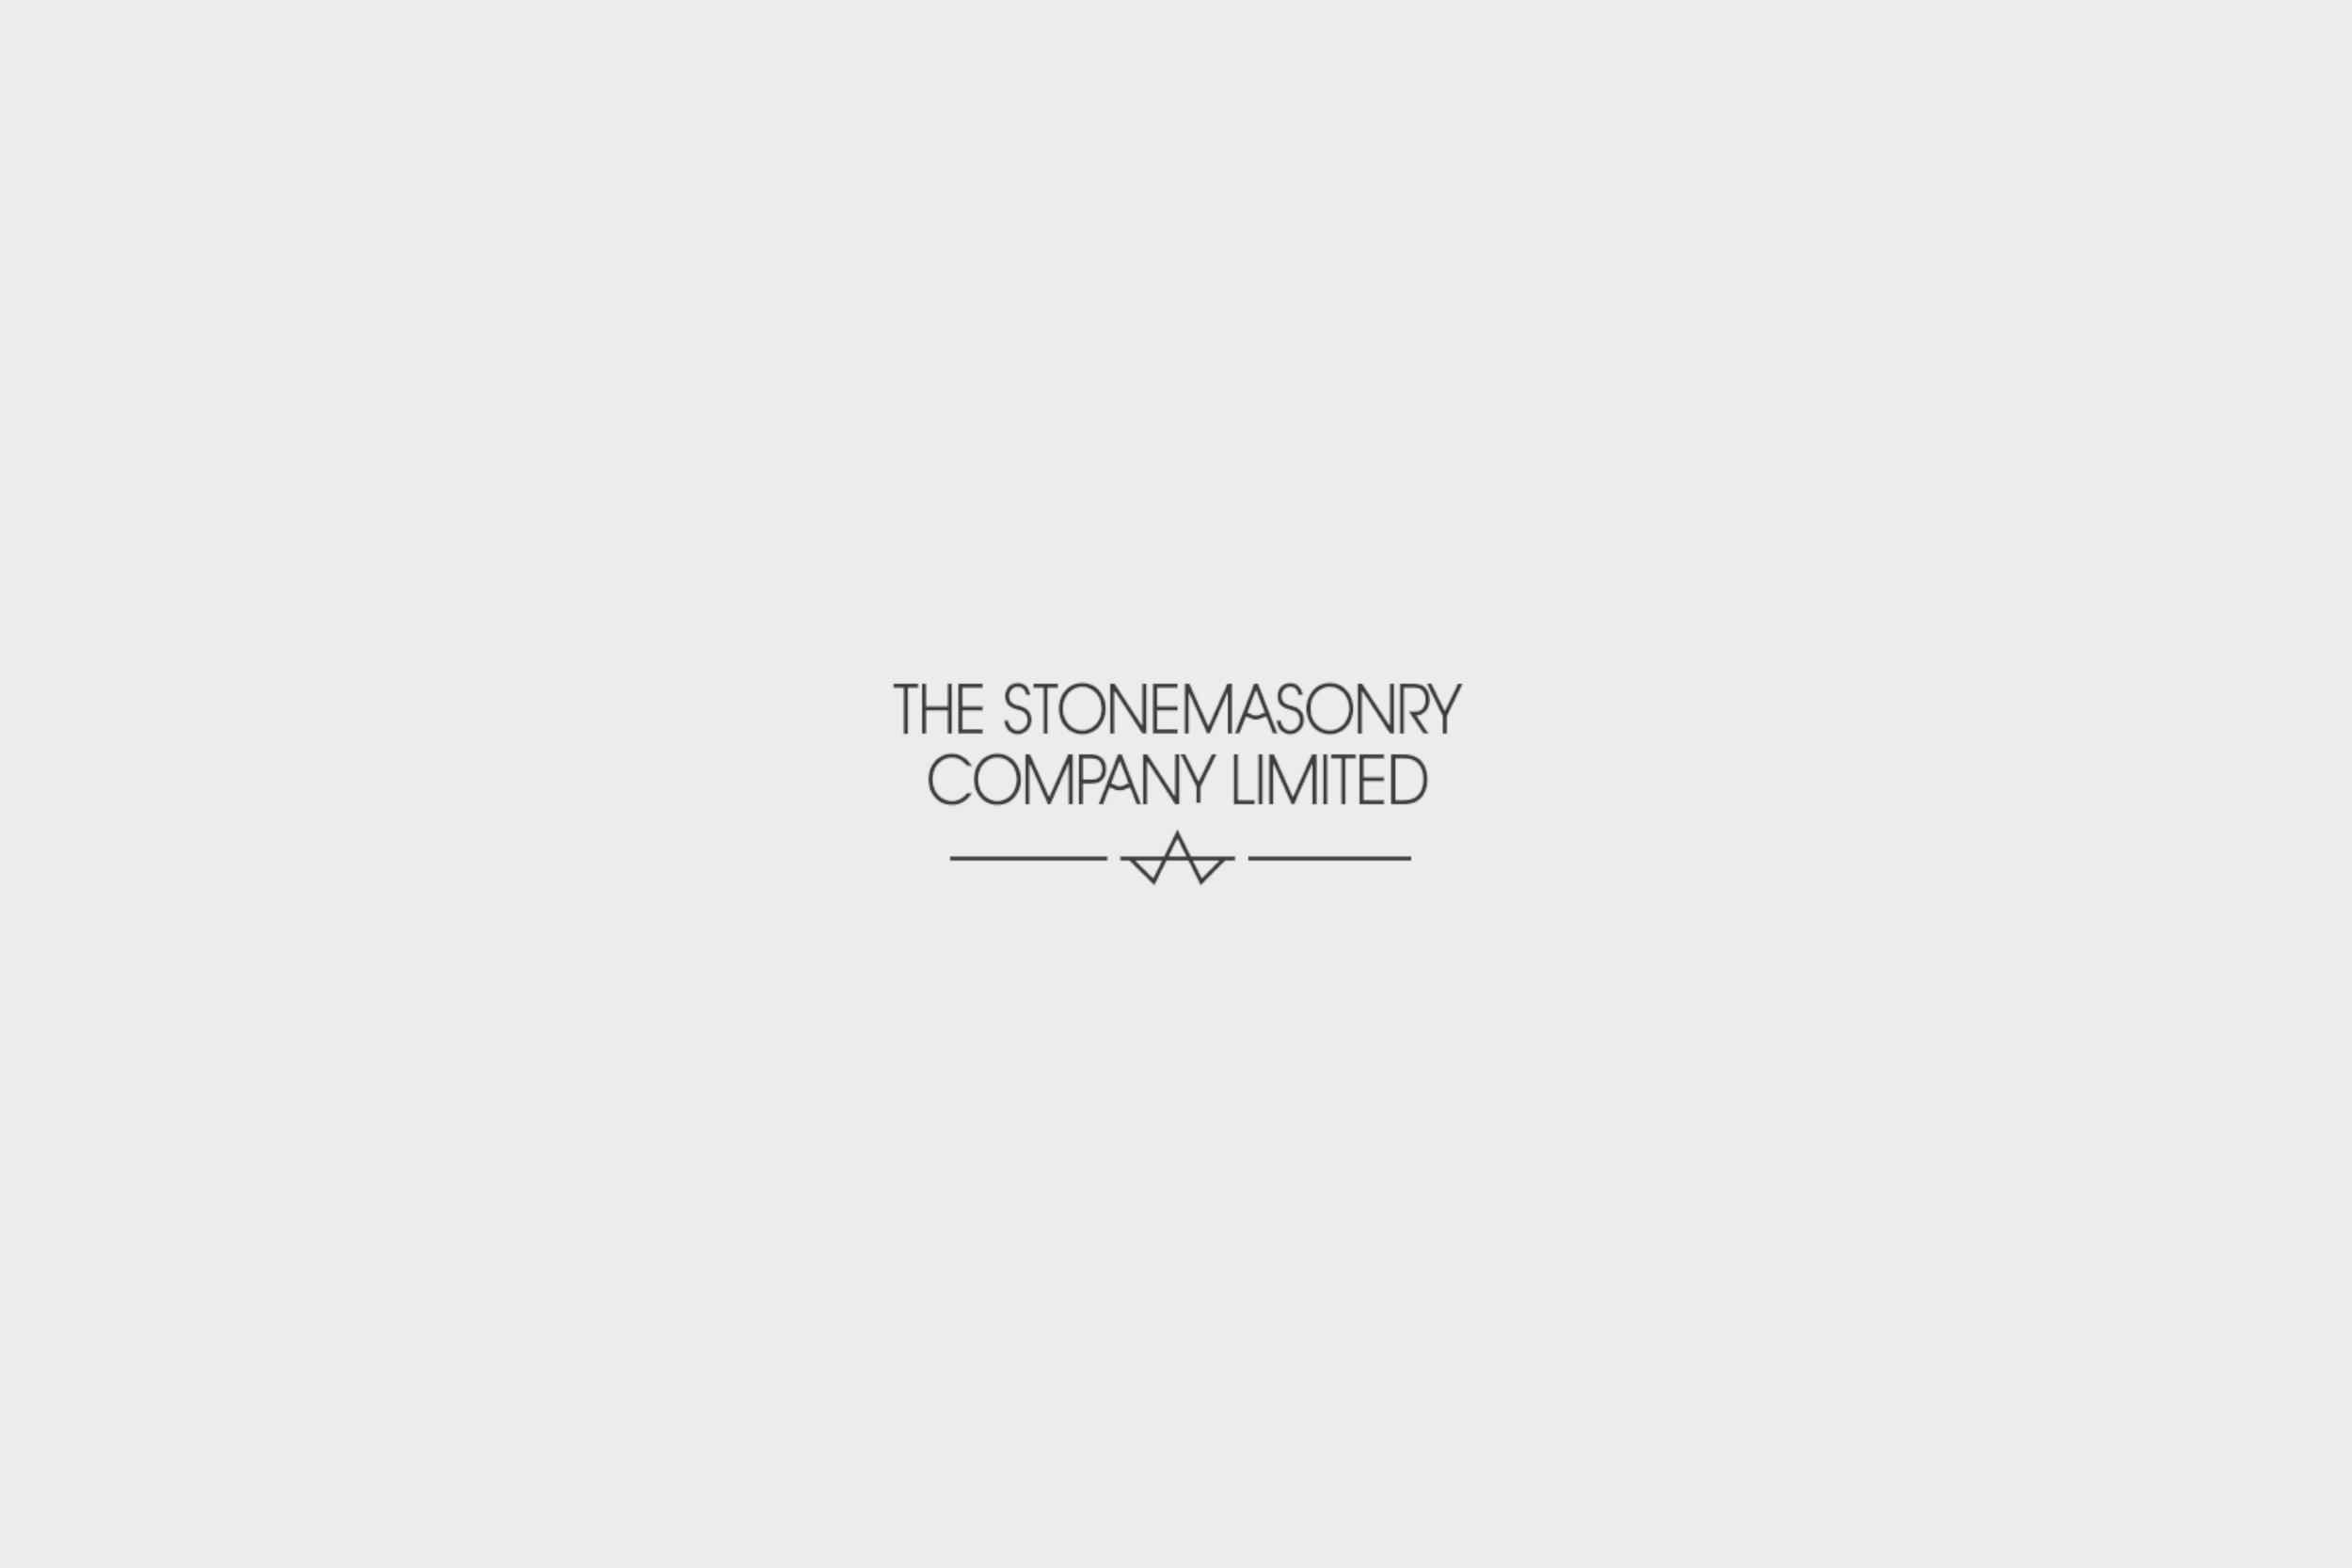 The_Stonemasonry_Company.jpg